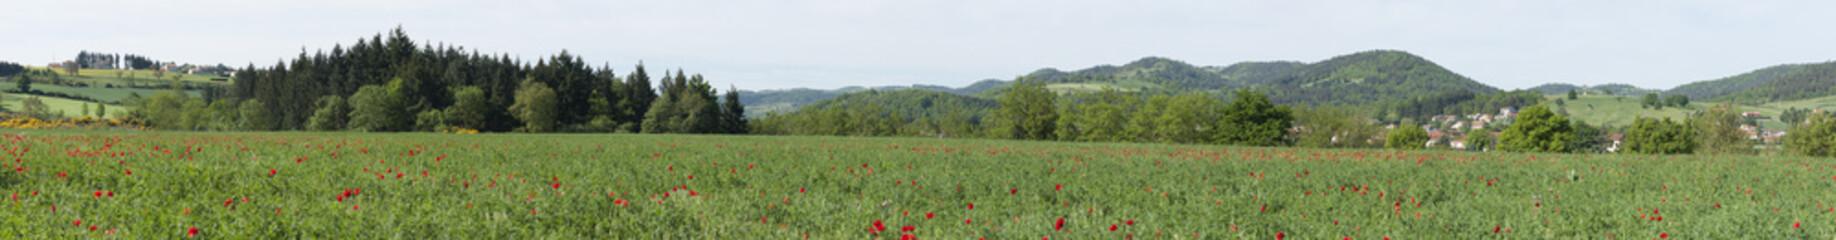 Auvergne panoramique